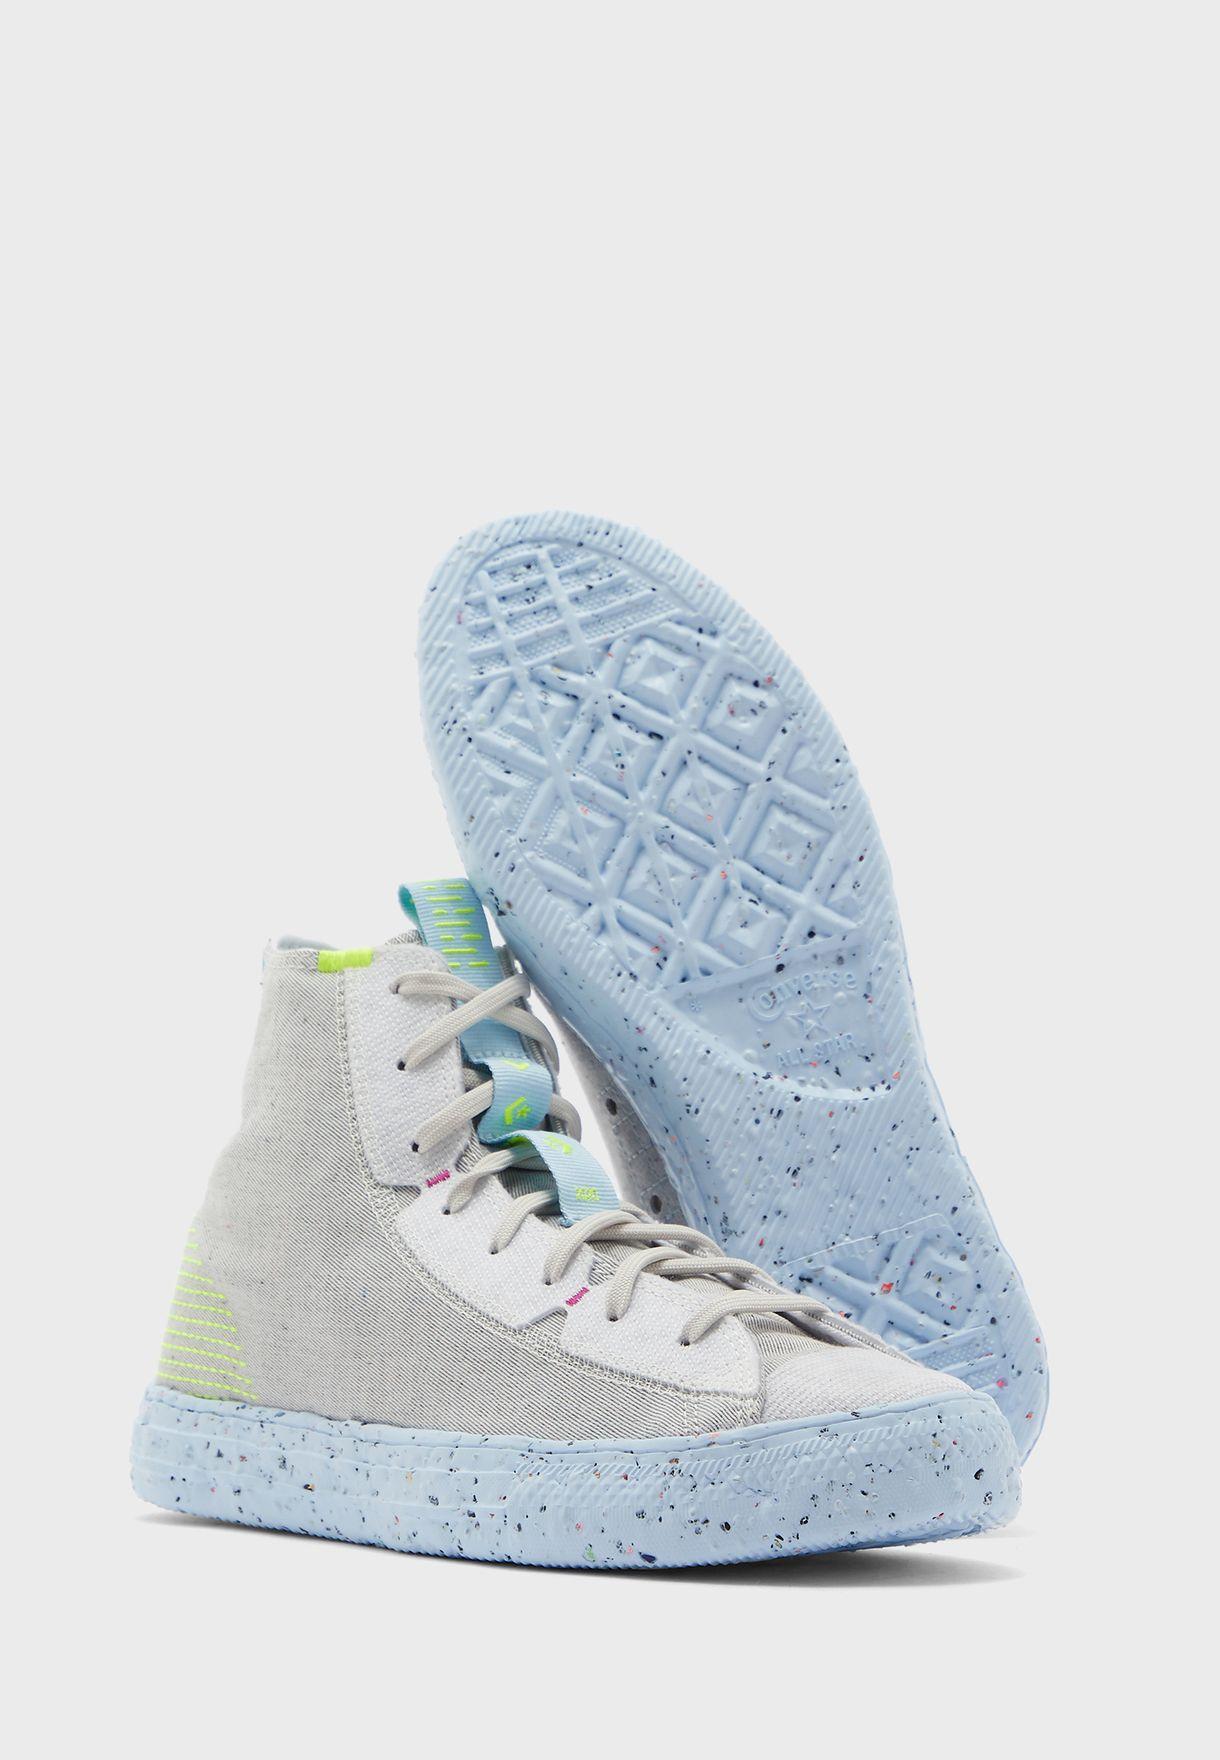 حذاء تشاك تايلور أول ستار كريتر